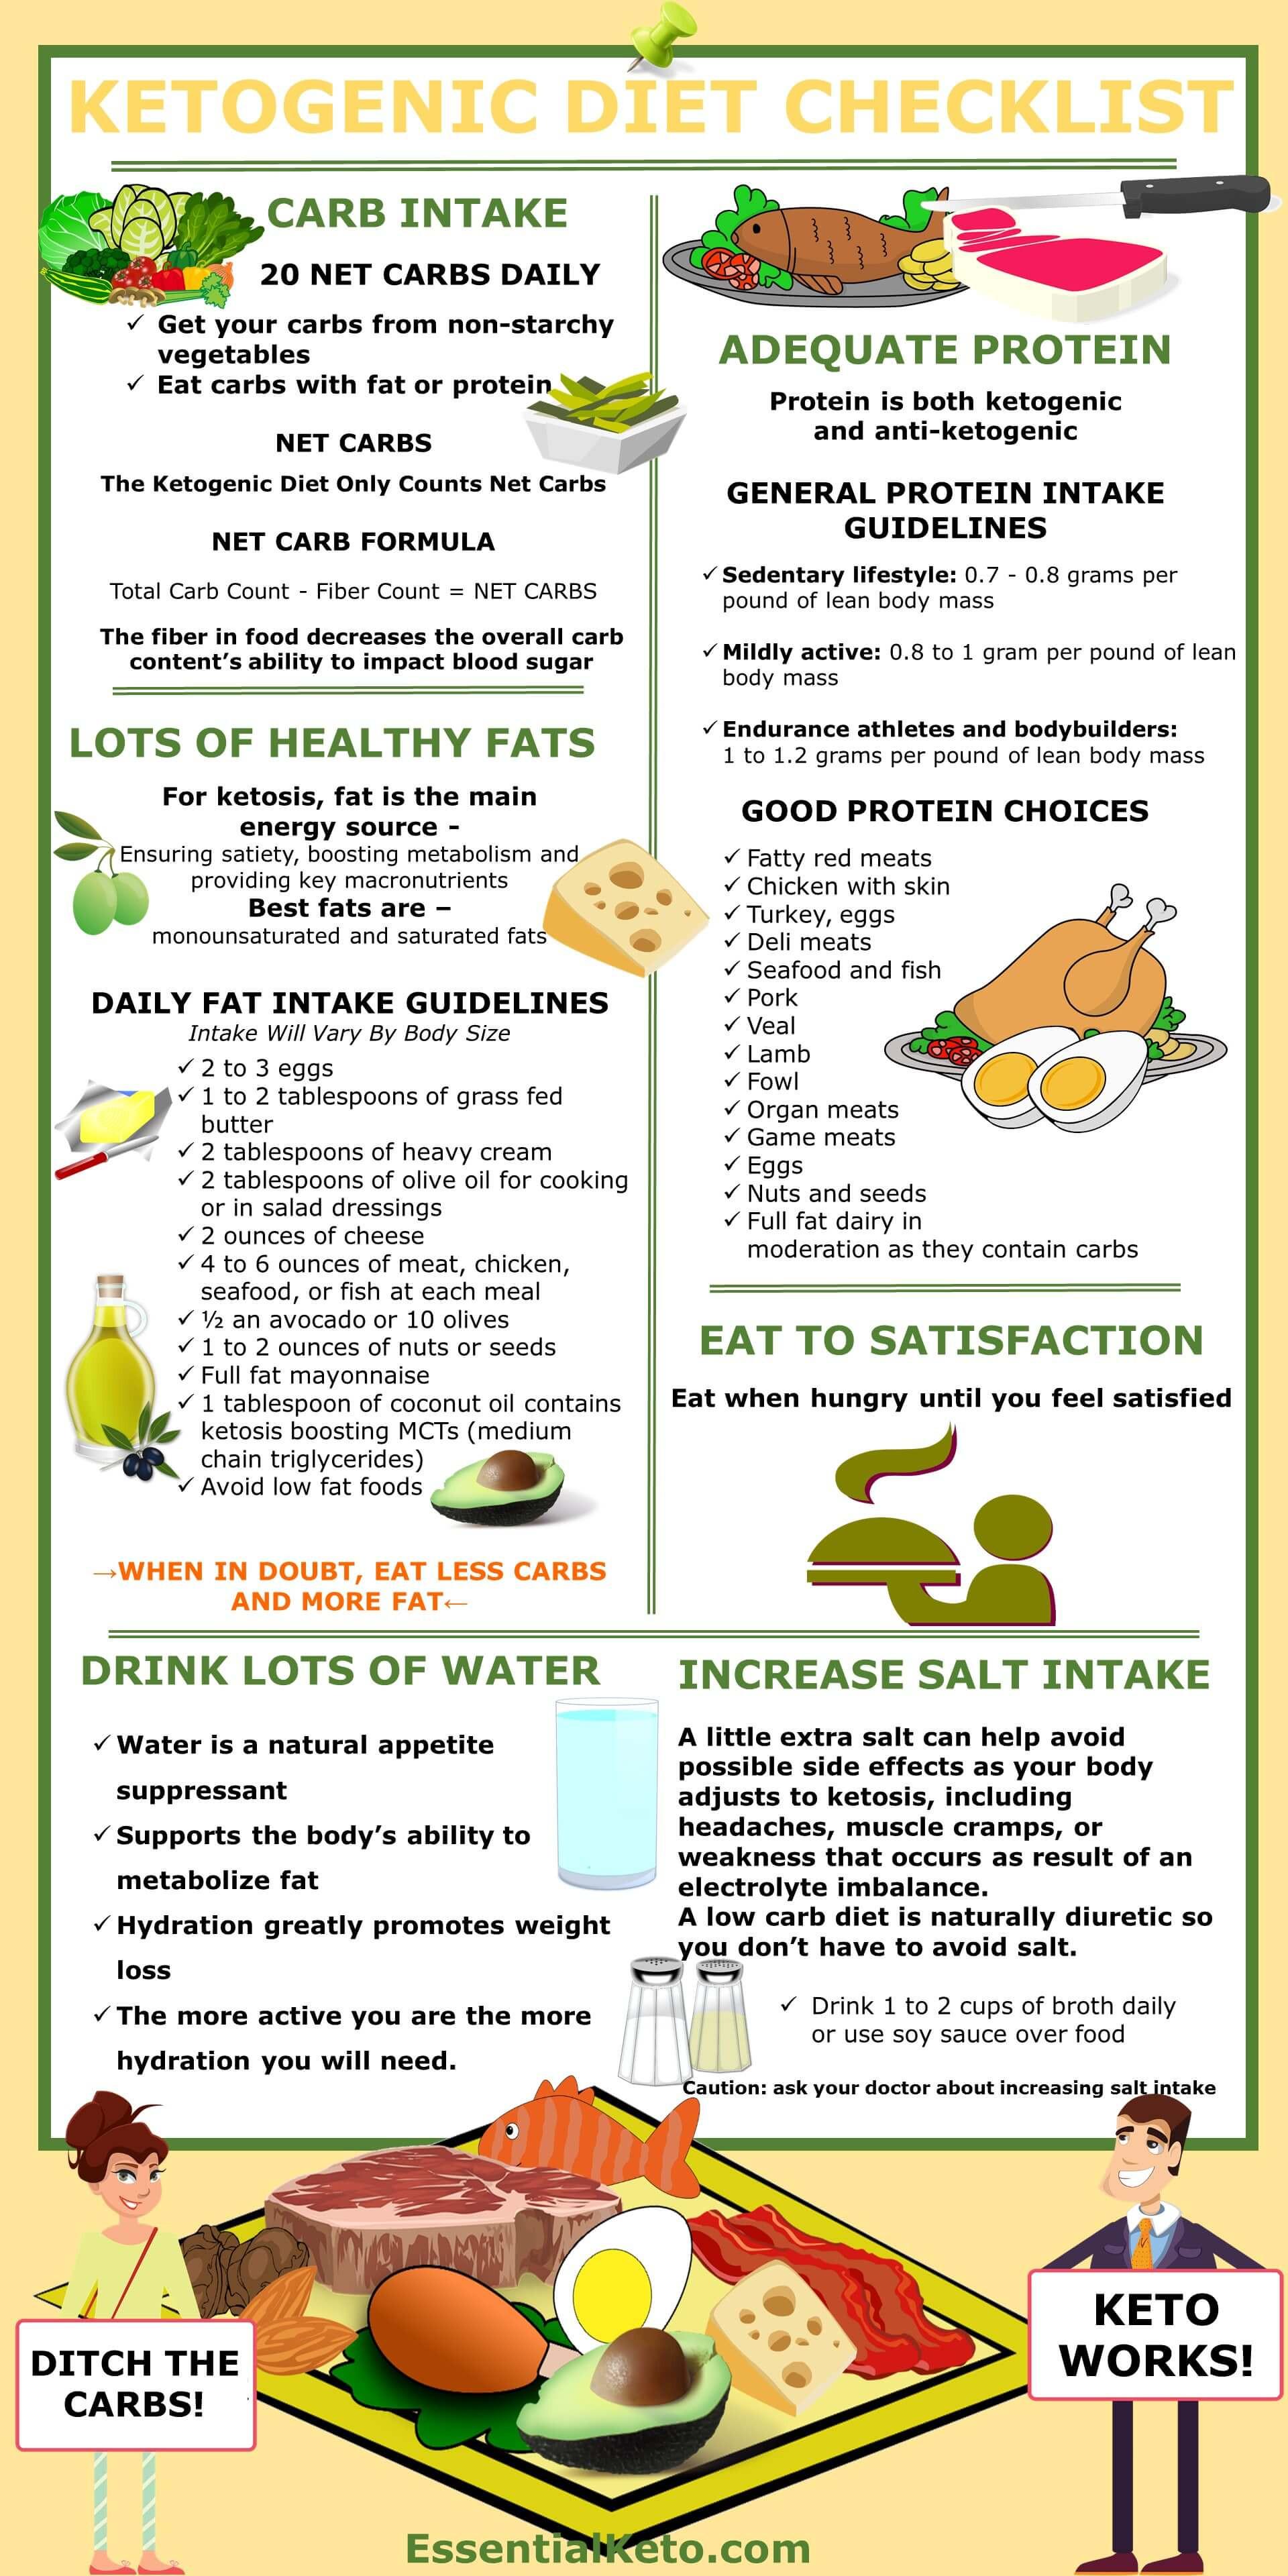 Keto Diet Products  Ketogenic Diet Checklist